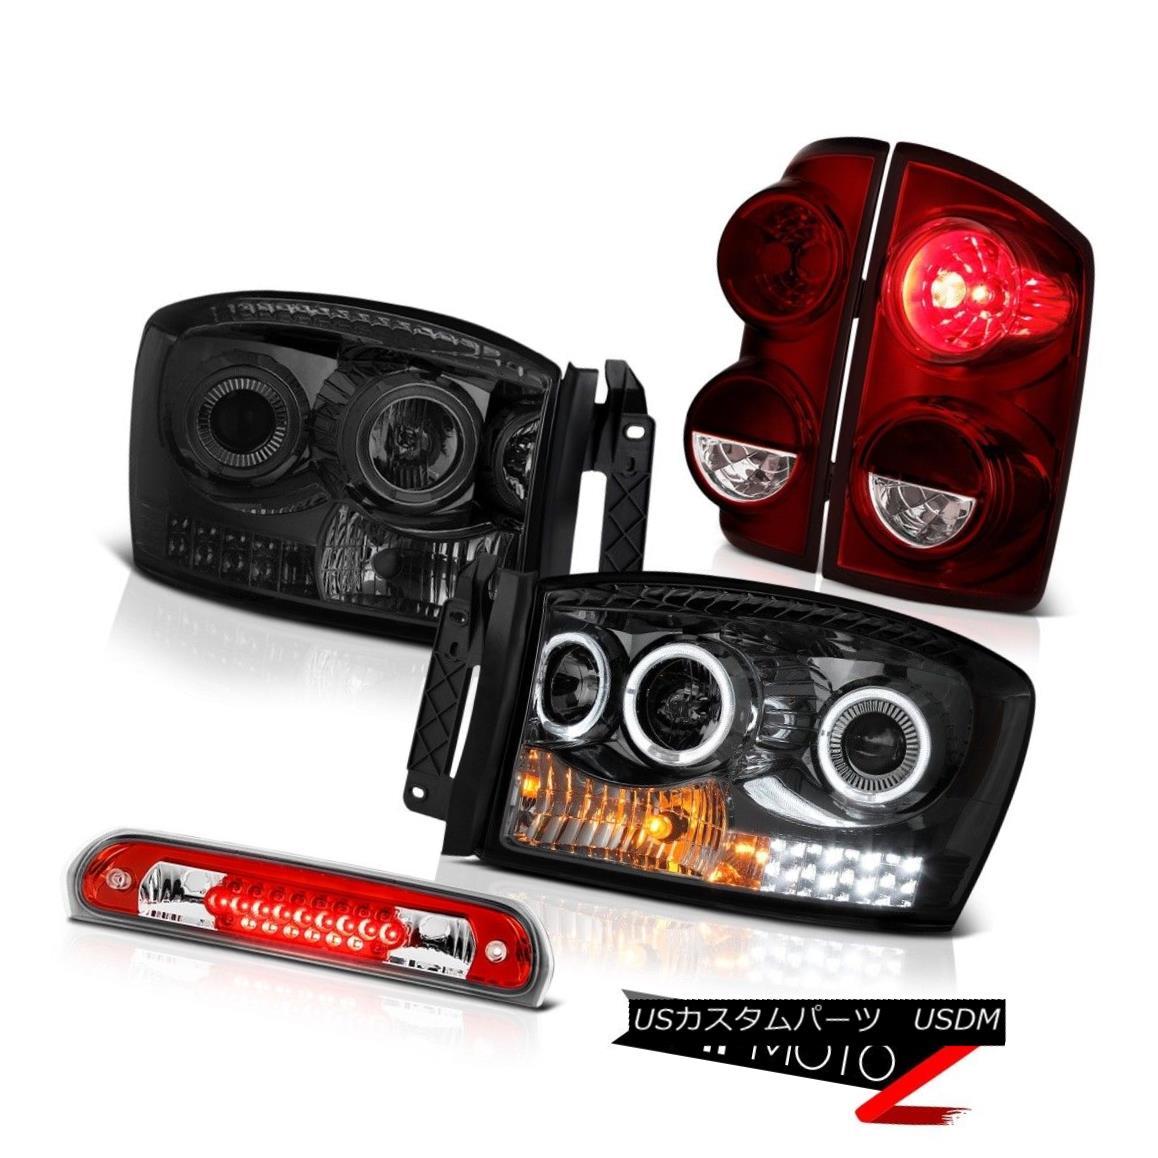 テールライト 07-08 Dodge Ram 3500 Turbodiesel Rear Brake Lamps Smoked Headlamps Third Light 07-08 Dodge Ram 3500 Turbodieselリアブレーキランプスモークヘッドランプ第3ライト